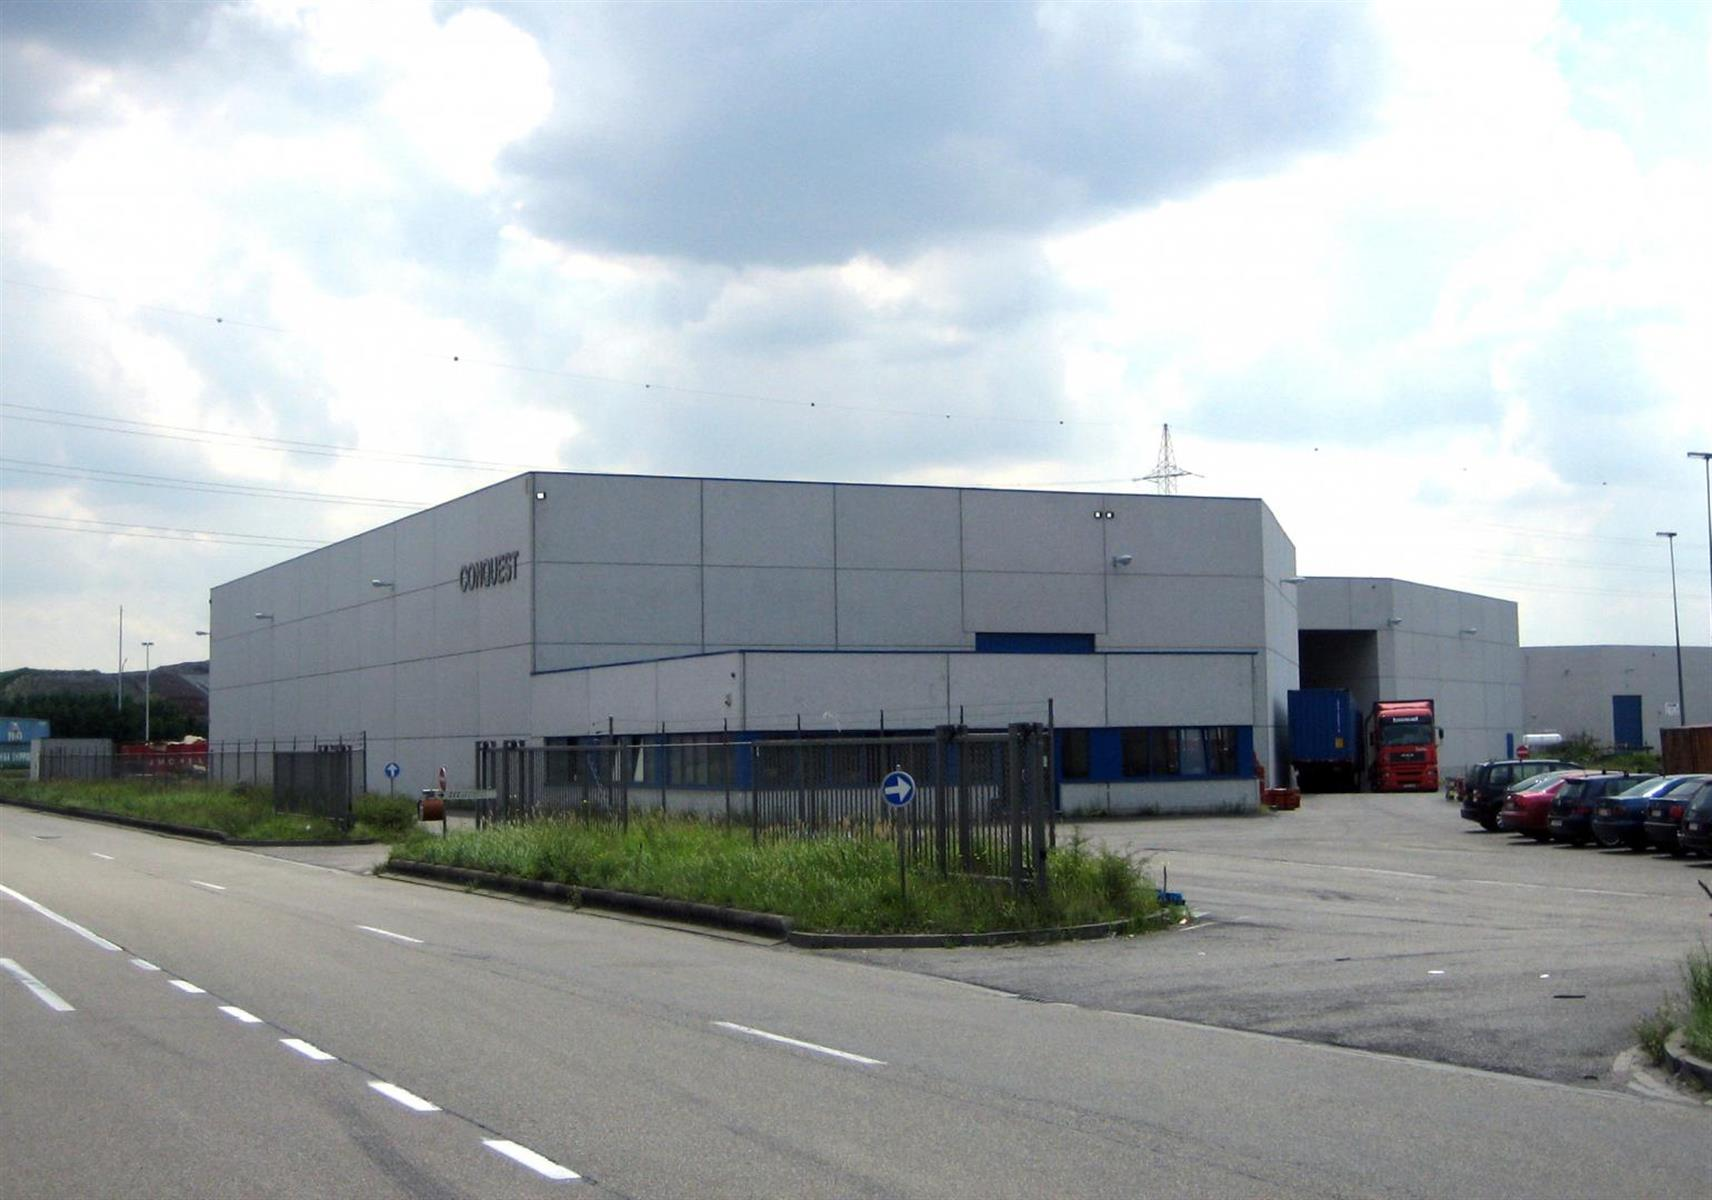 gebouw voor gemengd gebruik te huur I174 - Kruisweg 11, 2040 Antwerpen, België 2